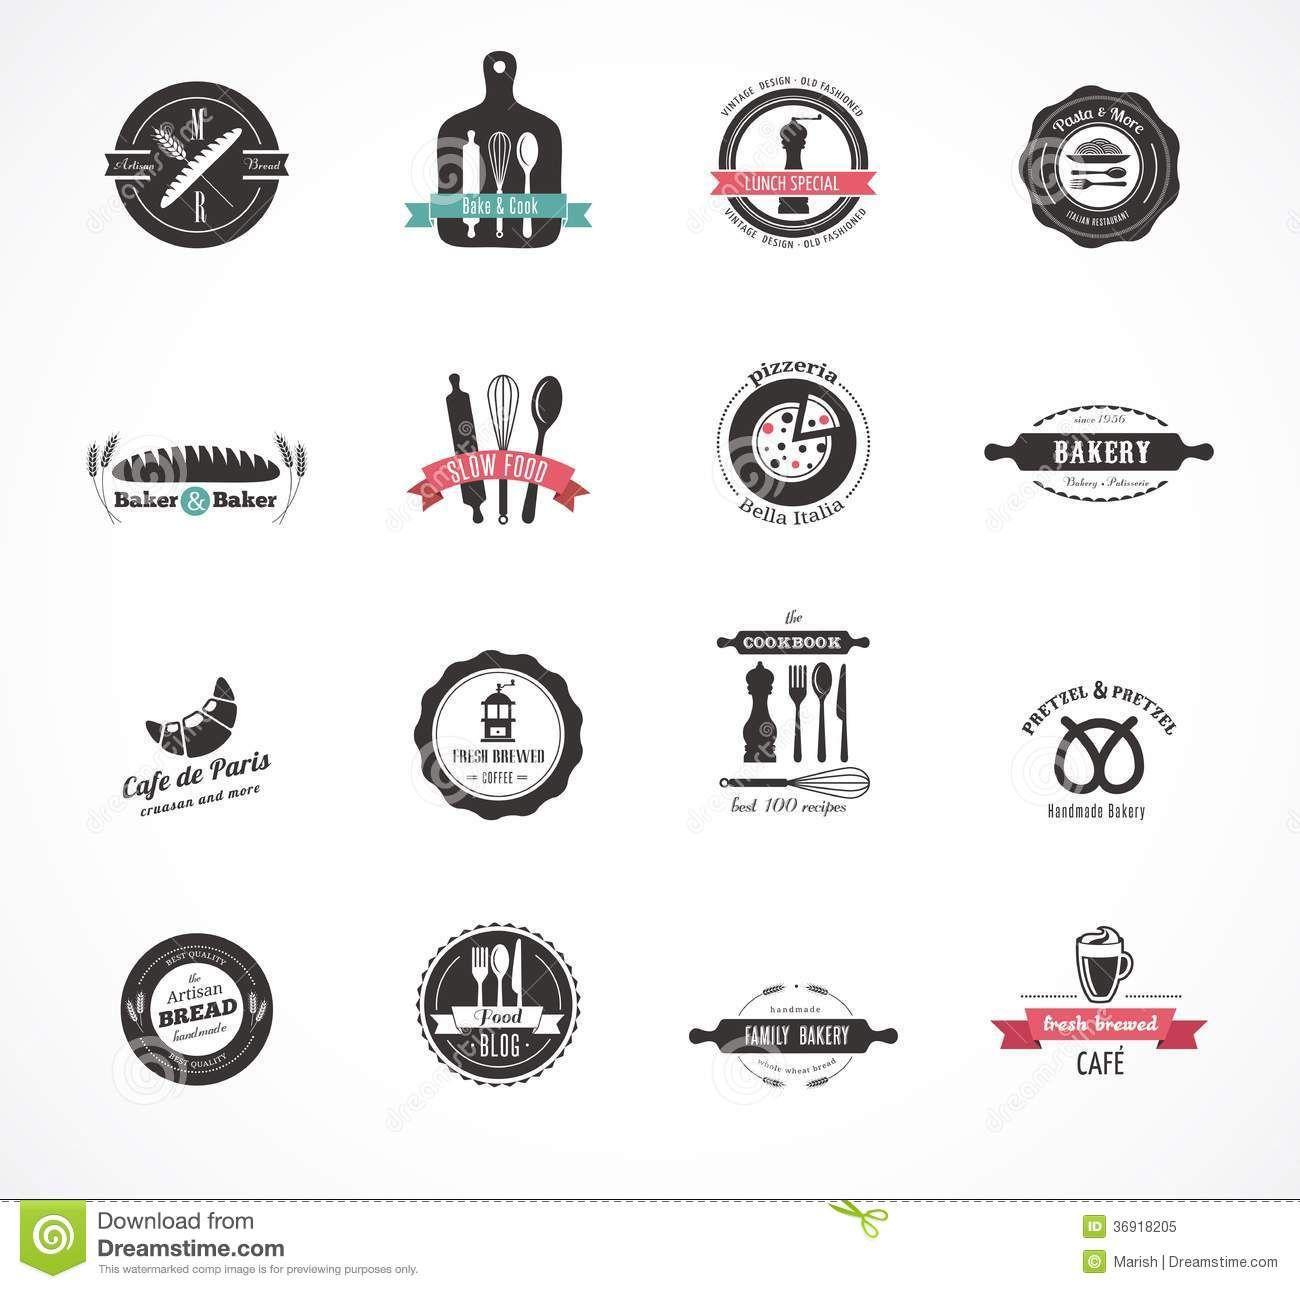 Modelos de comanda para cafeteria pesquisa google logos modelos de comanda para cafeteria pesquisa google malvernweather Choice Image